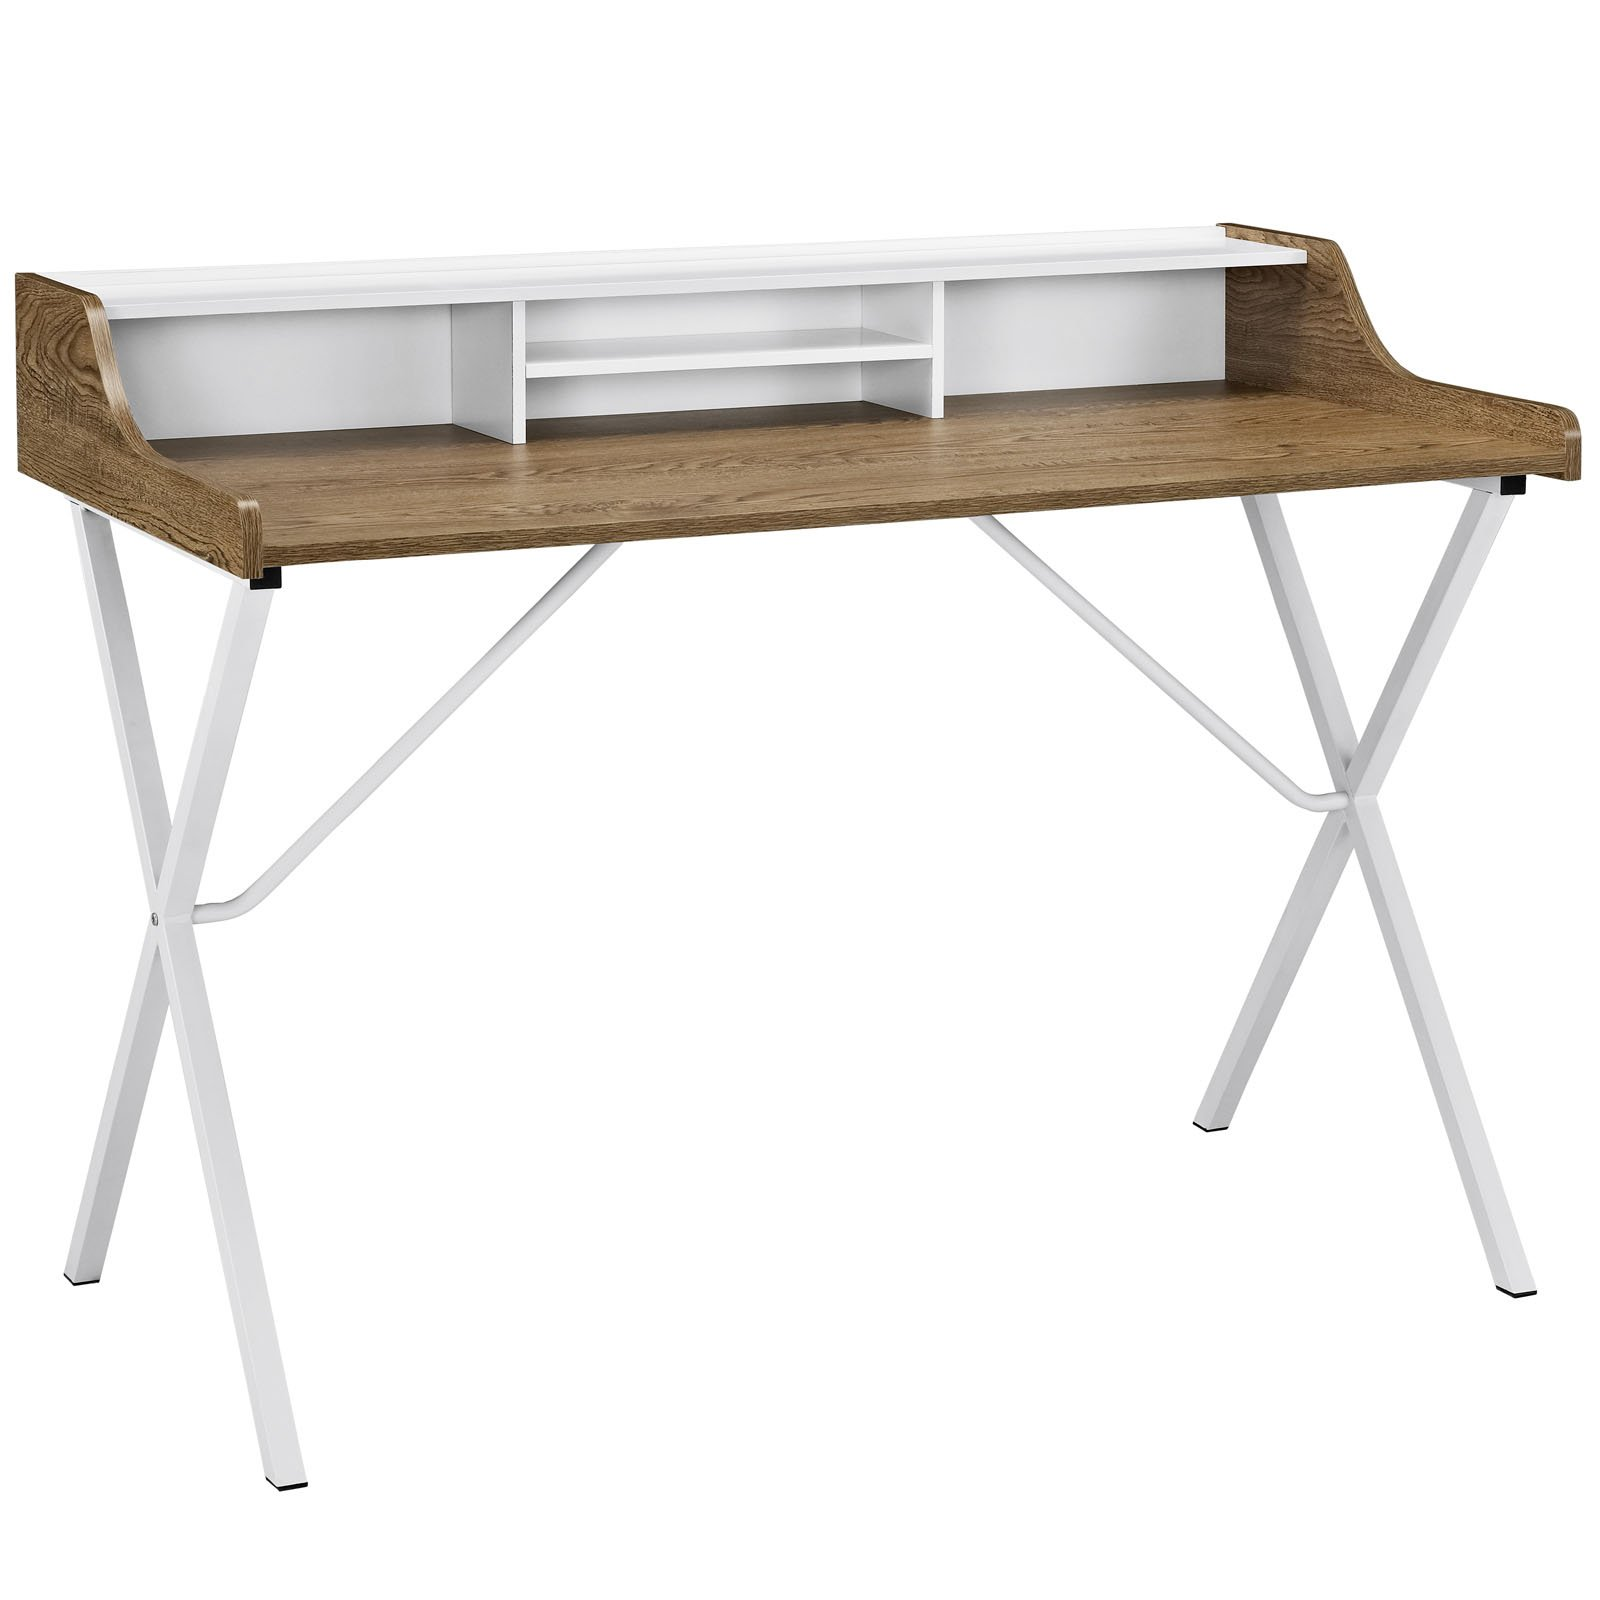 Modway Bin Desk in Walnut